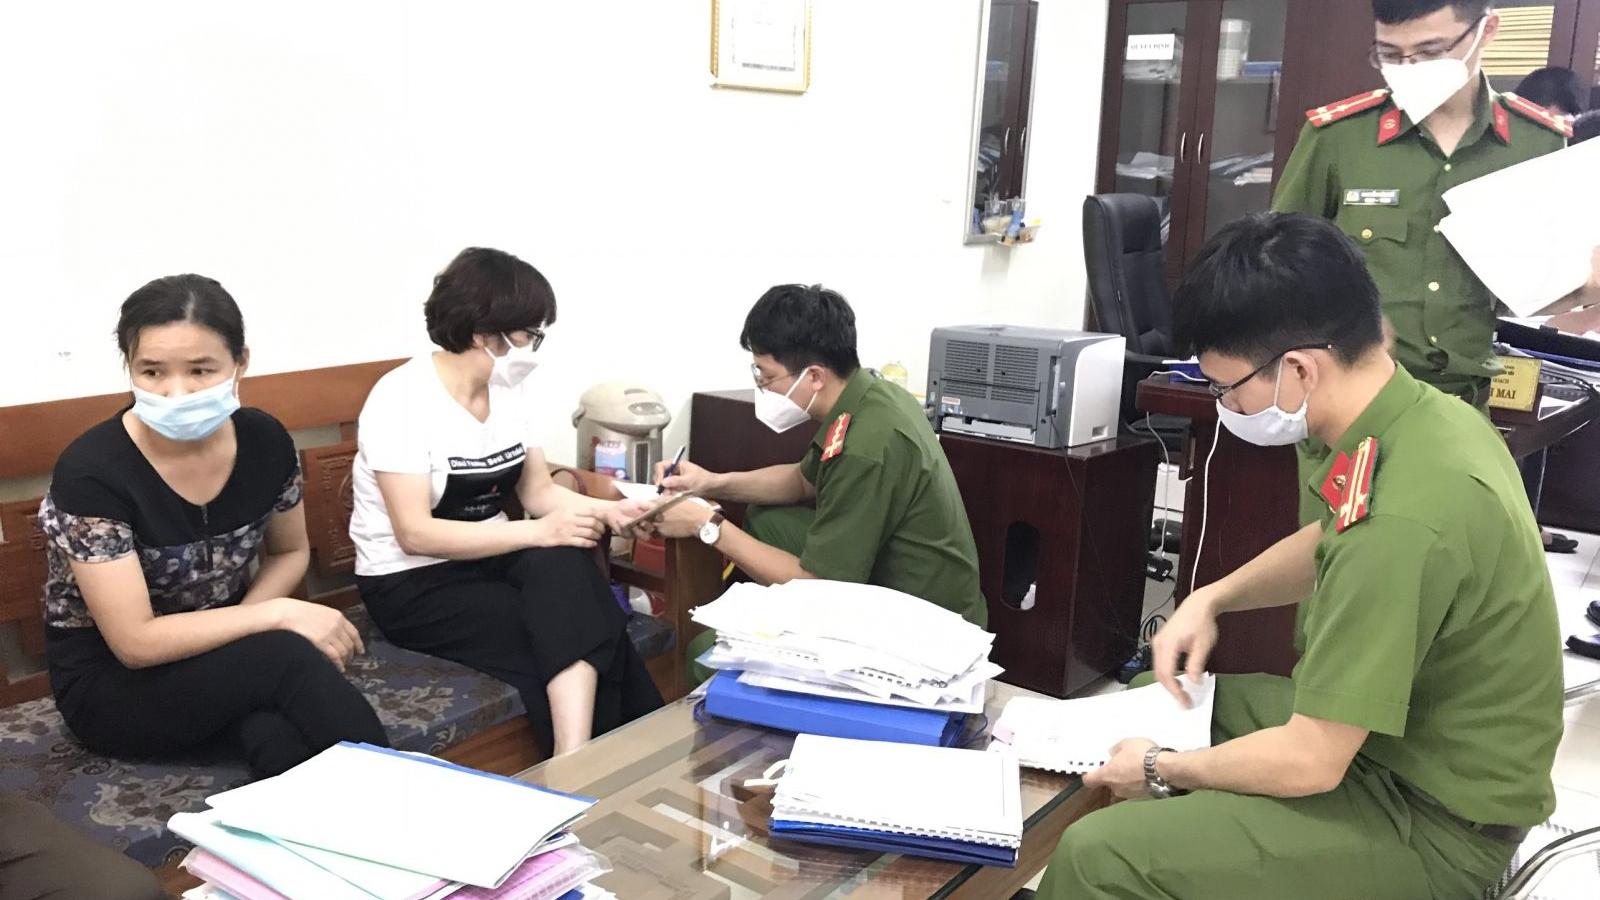 Khởi tố Hiệu trưởng Trường Trung cấp nghề Giao thông vận tải Bắc Giang